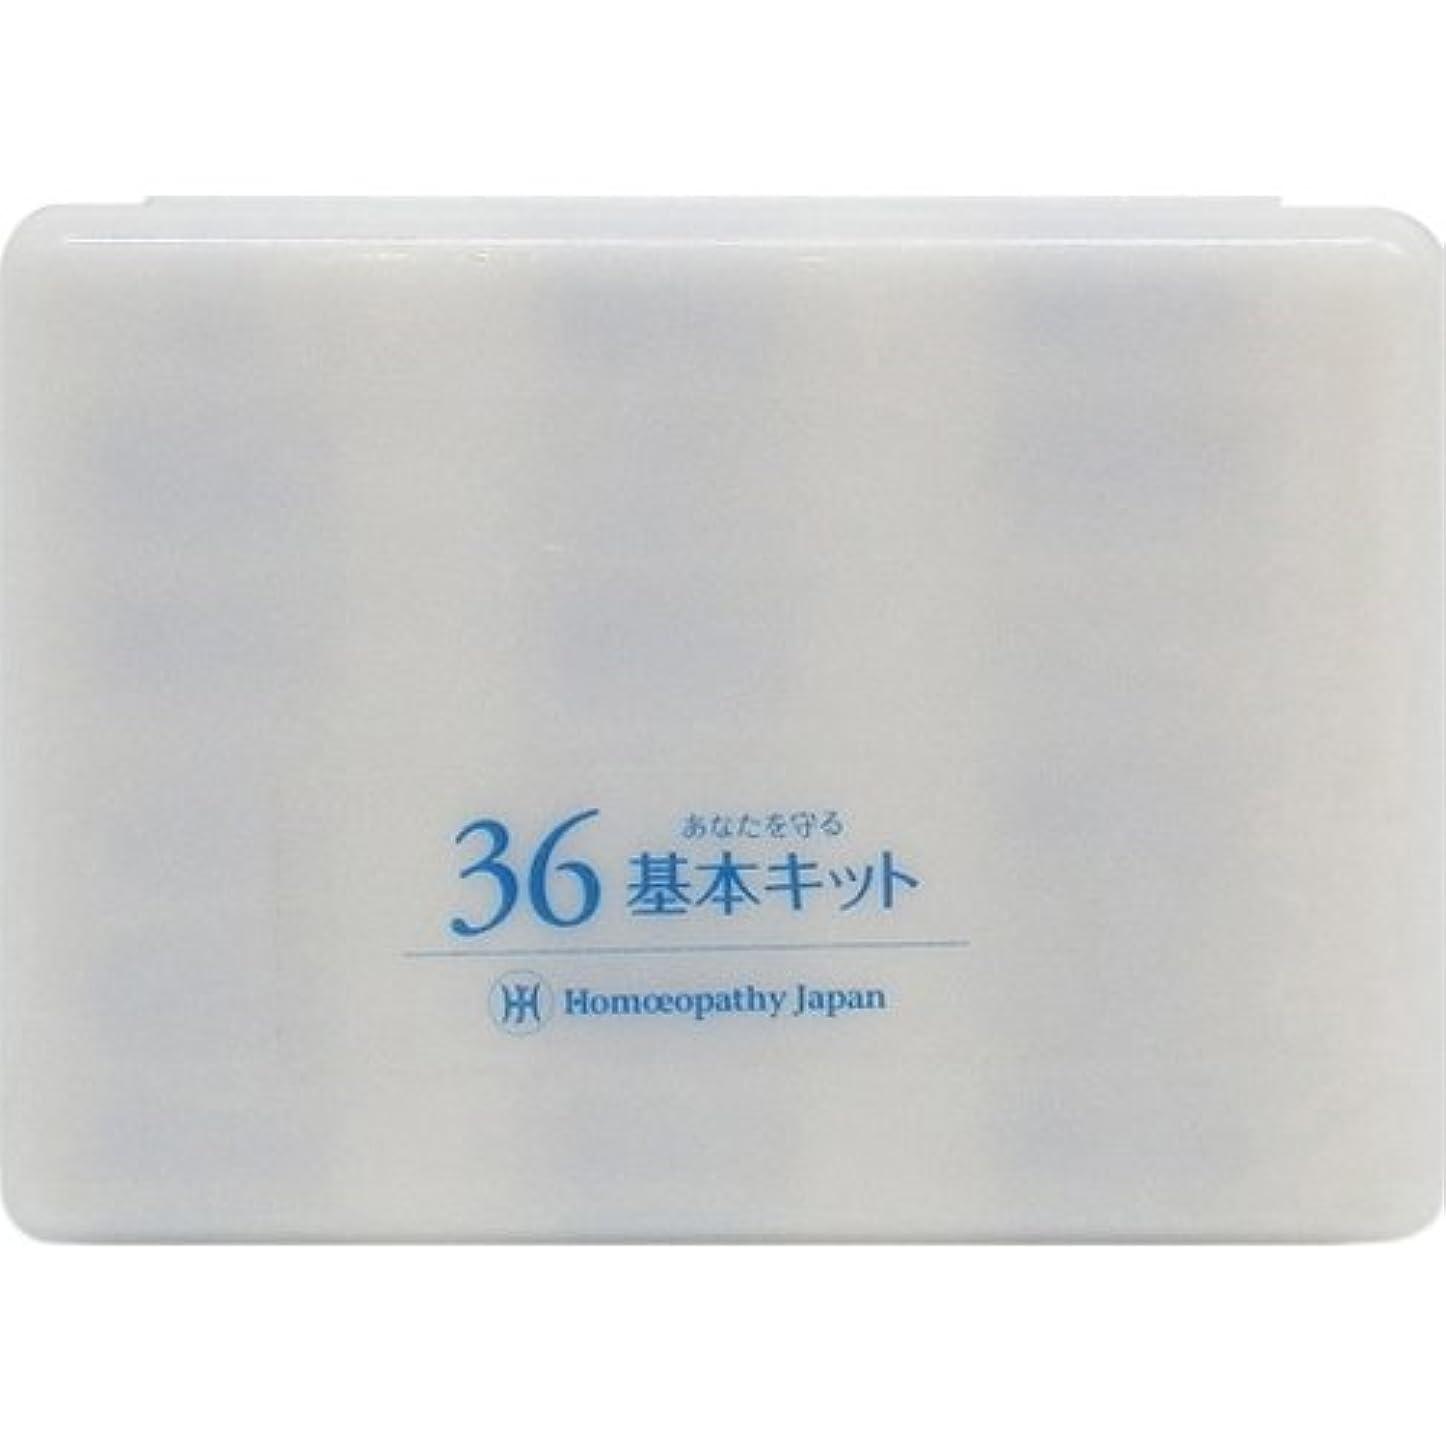 スカイあいさつパスポートホメオパシージャパンレメディー 新36基本キット